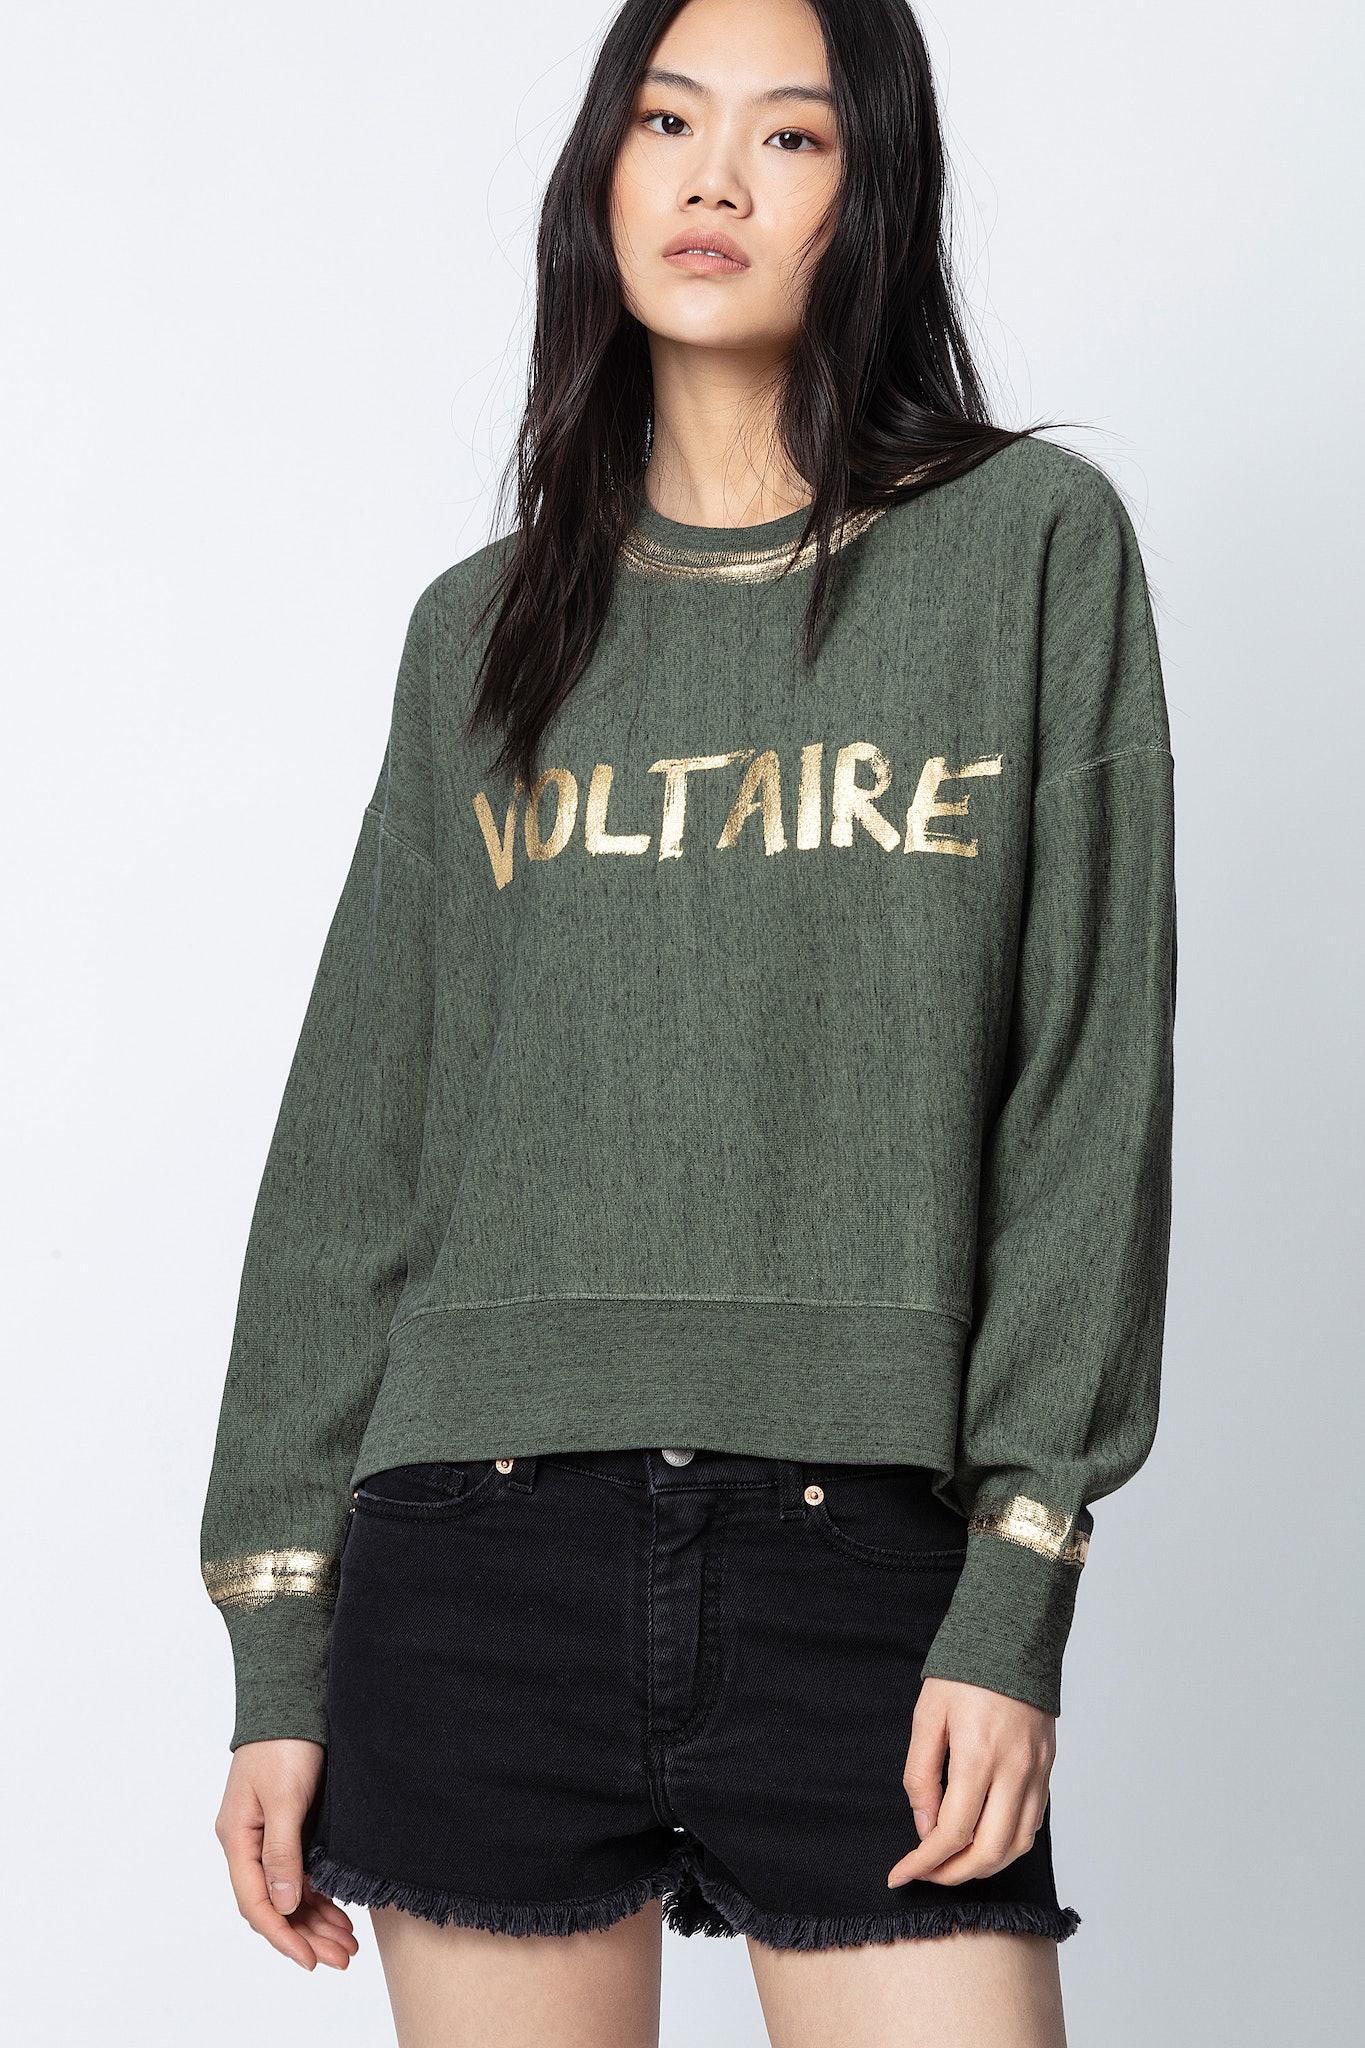 Champ Voltaire Foil Sweatshirt